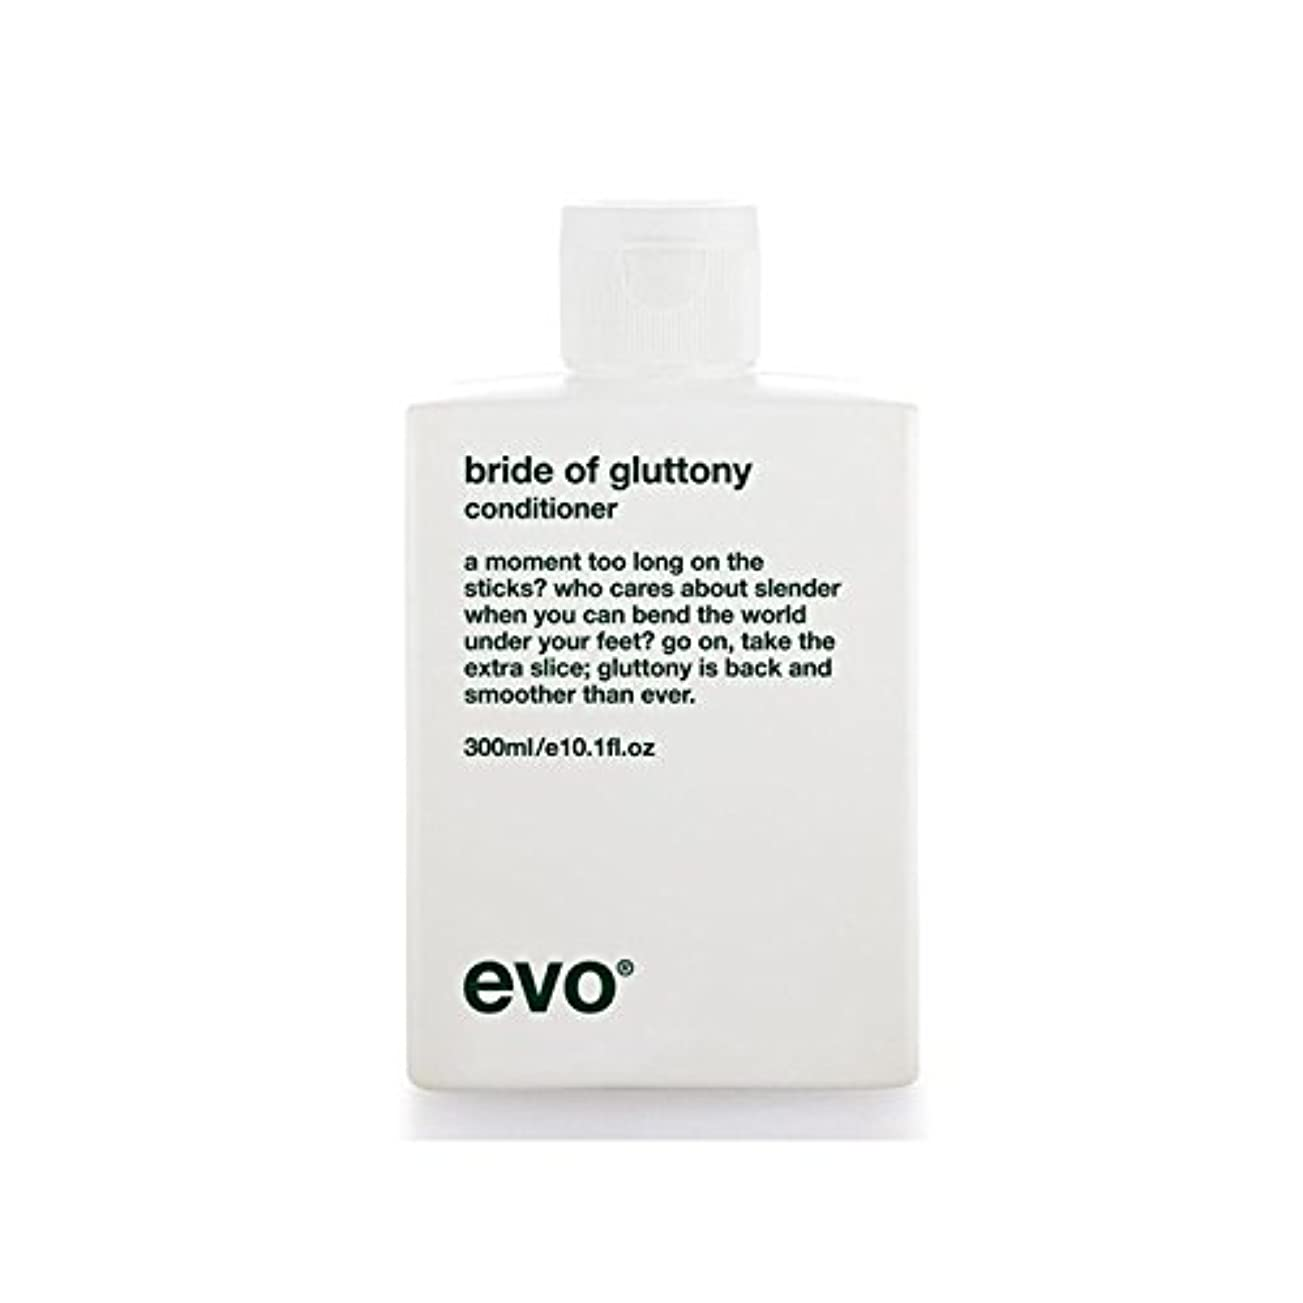 率直な病者排泄物飽食のボリュームコンディショナーのエボ花嫁 x4 - Evo Bride Of Gluttony Volume Conditioner (Pack of 4) [並行輸入品]